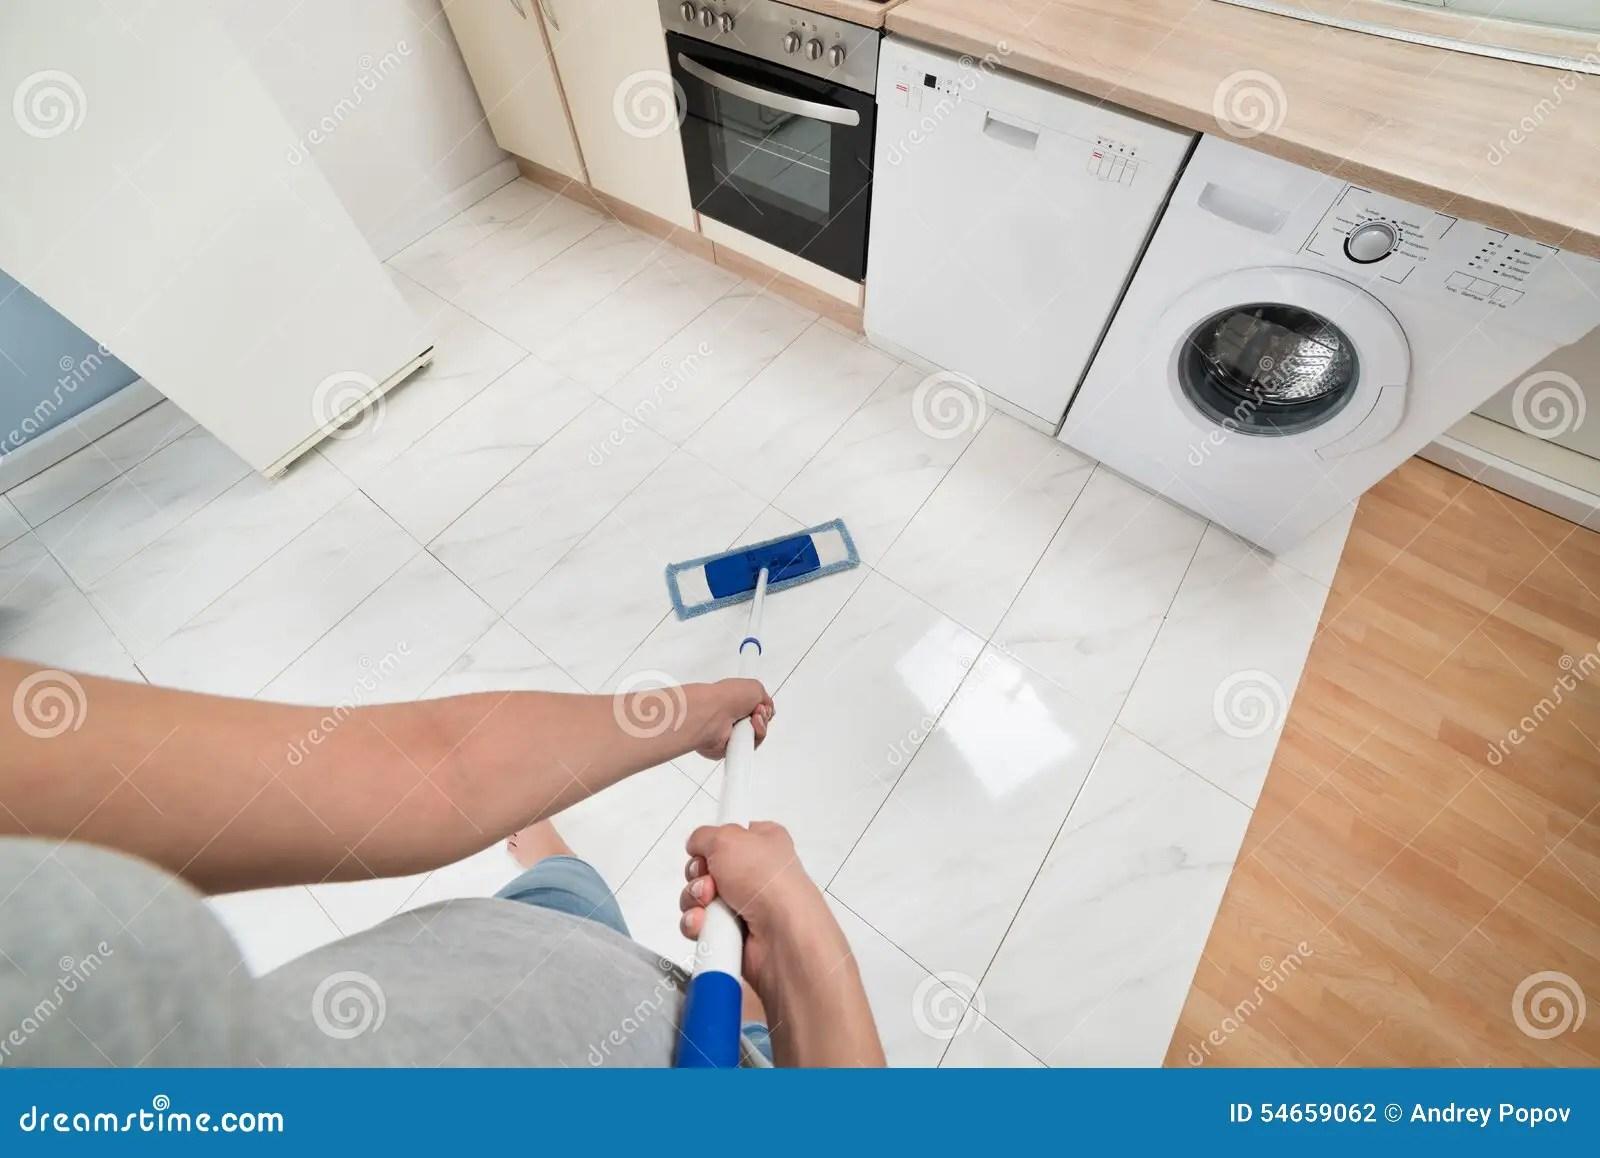 kitchen floor renovation calculator 妇女清洁厨房地板库存照片 图片包括有清理 厨房 差事 国内 拖把 妇女清洁与拖把的厨房地板特写镜头